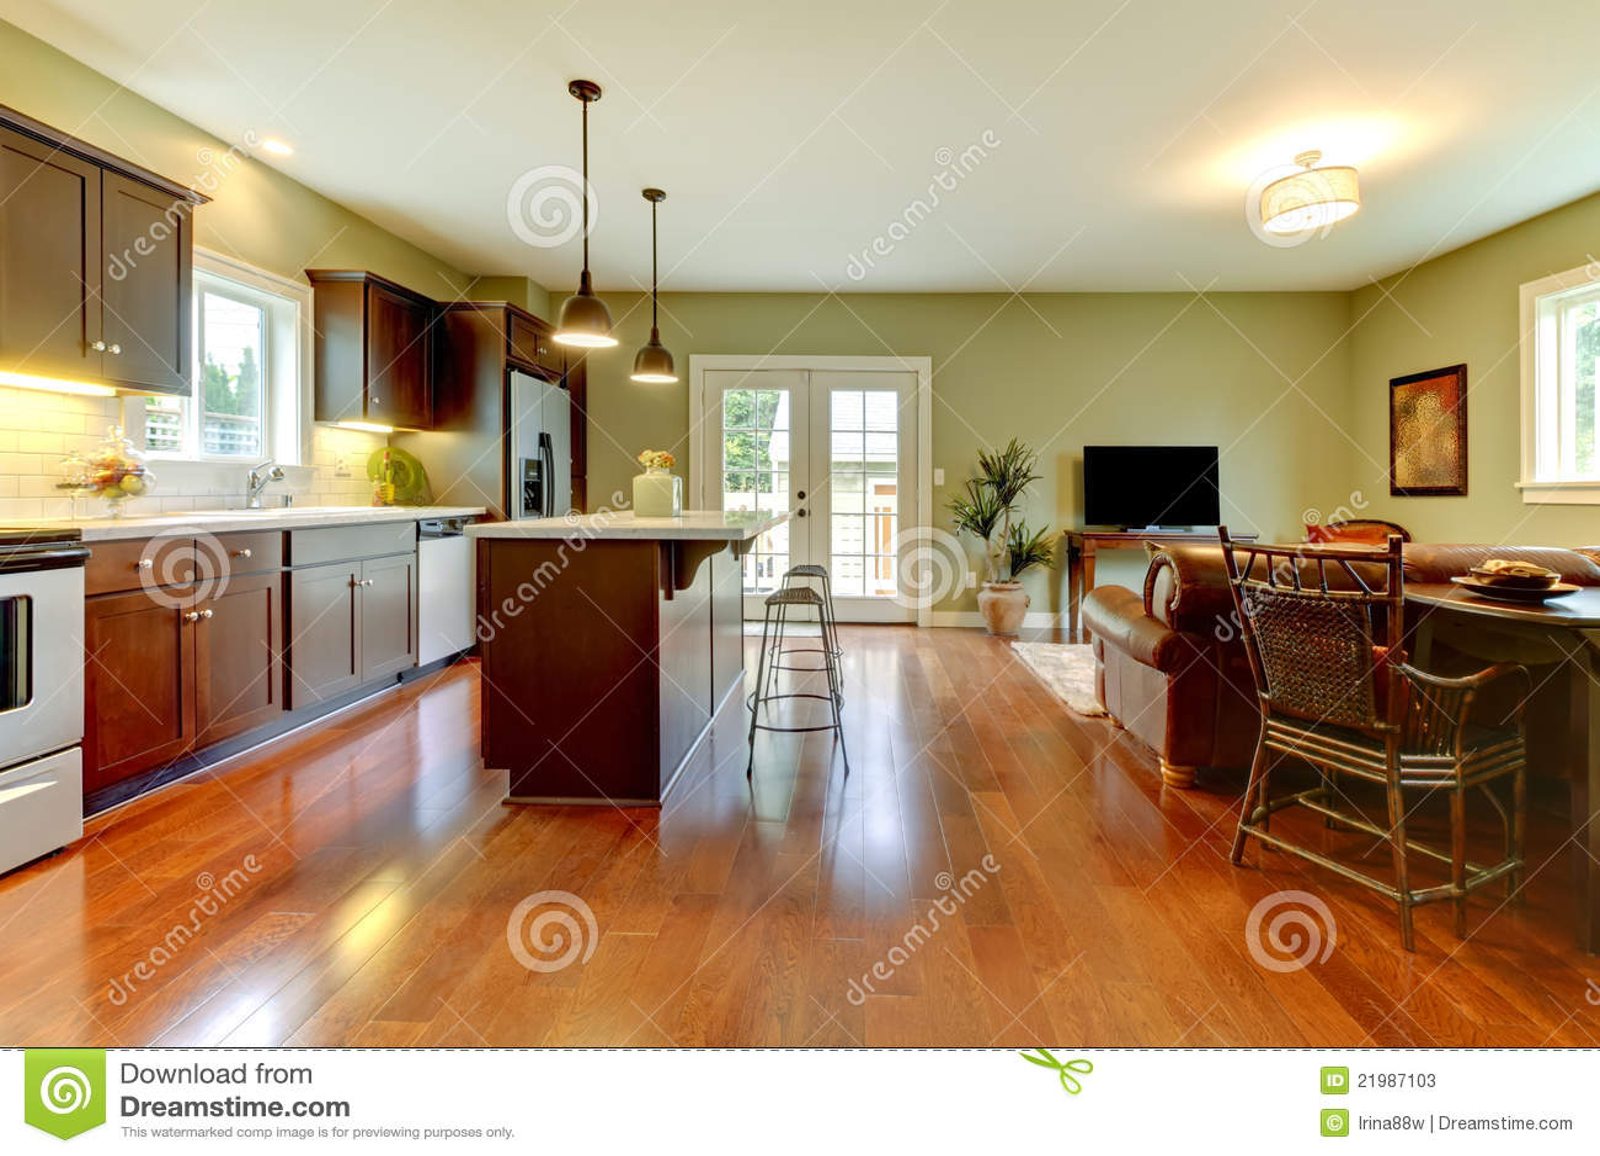 40 . moderne wohnzimmer mit küche : Moderne neue braune Küche mit ...